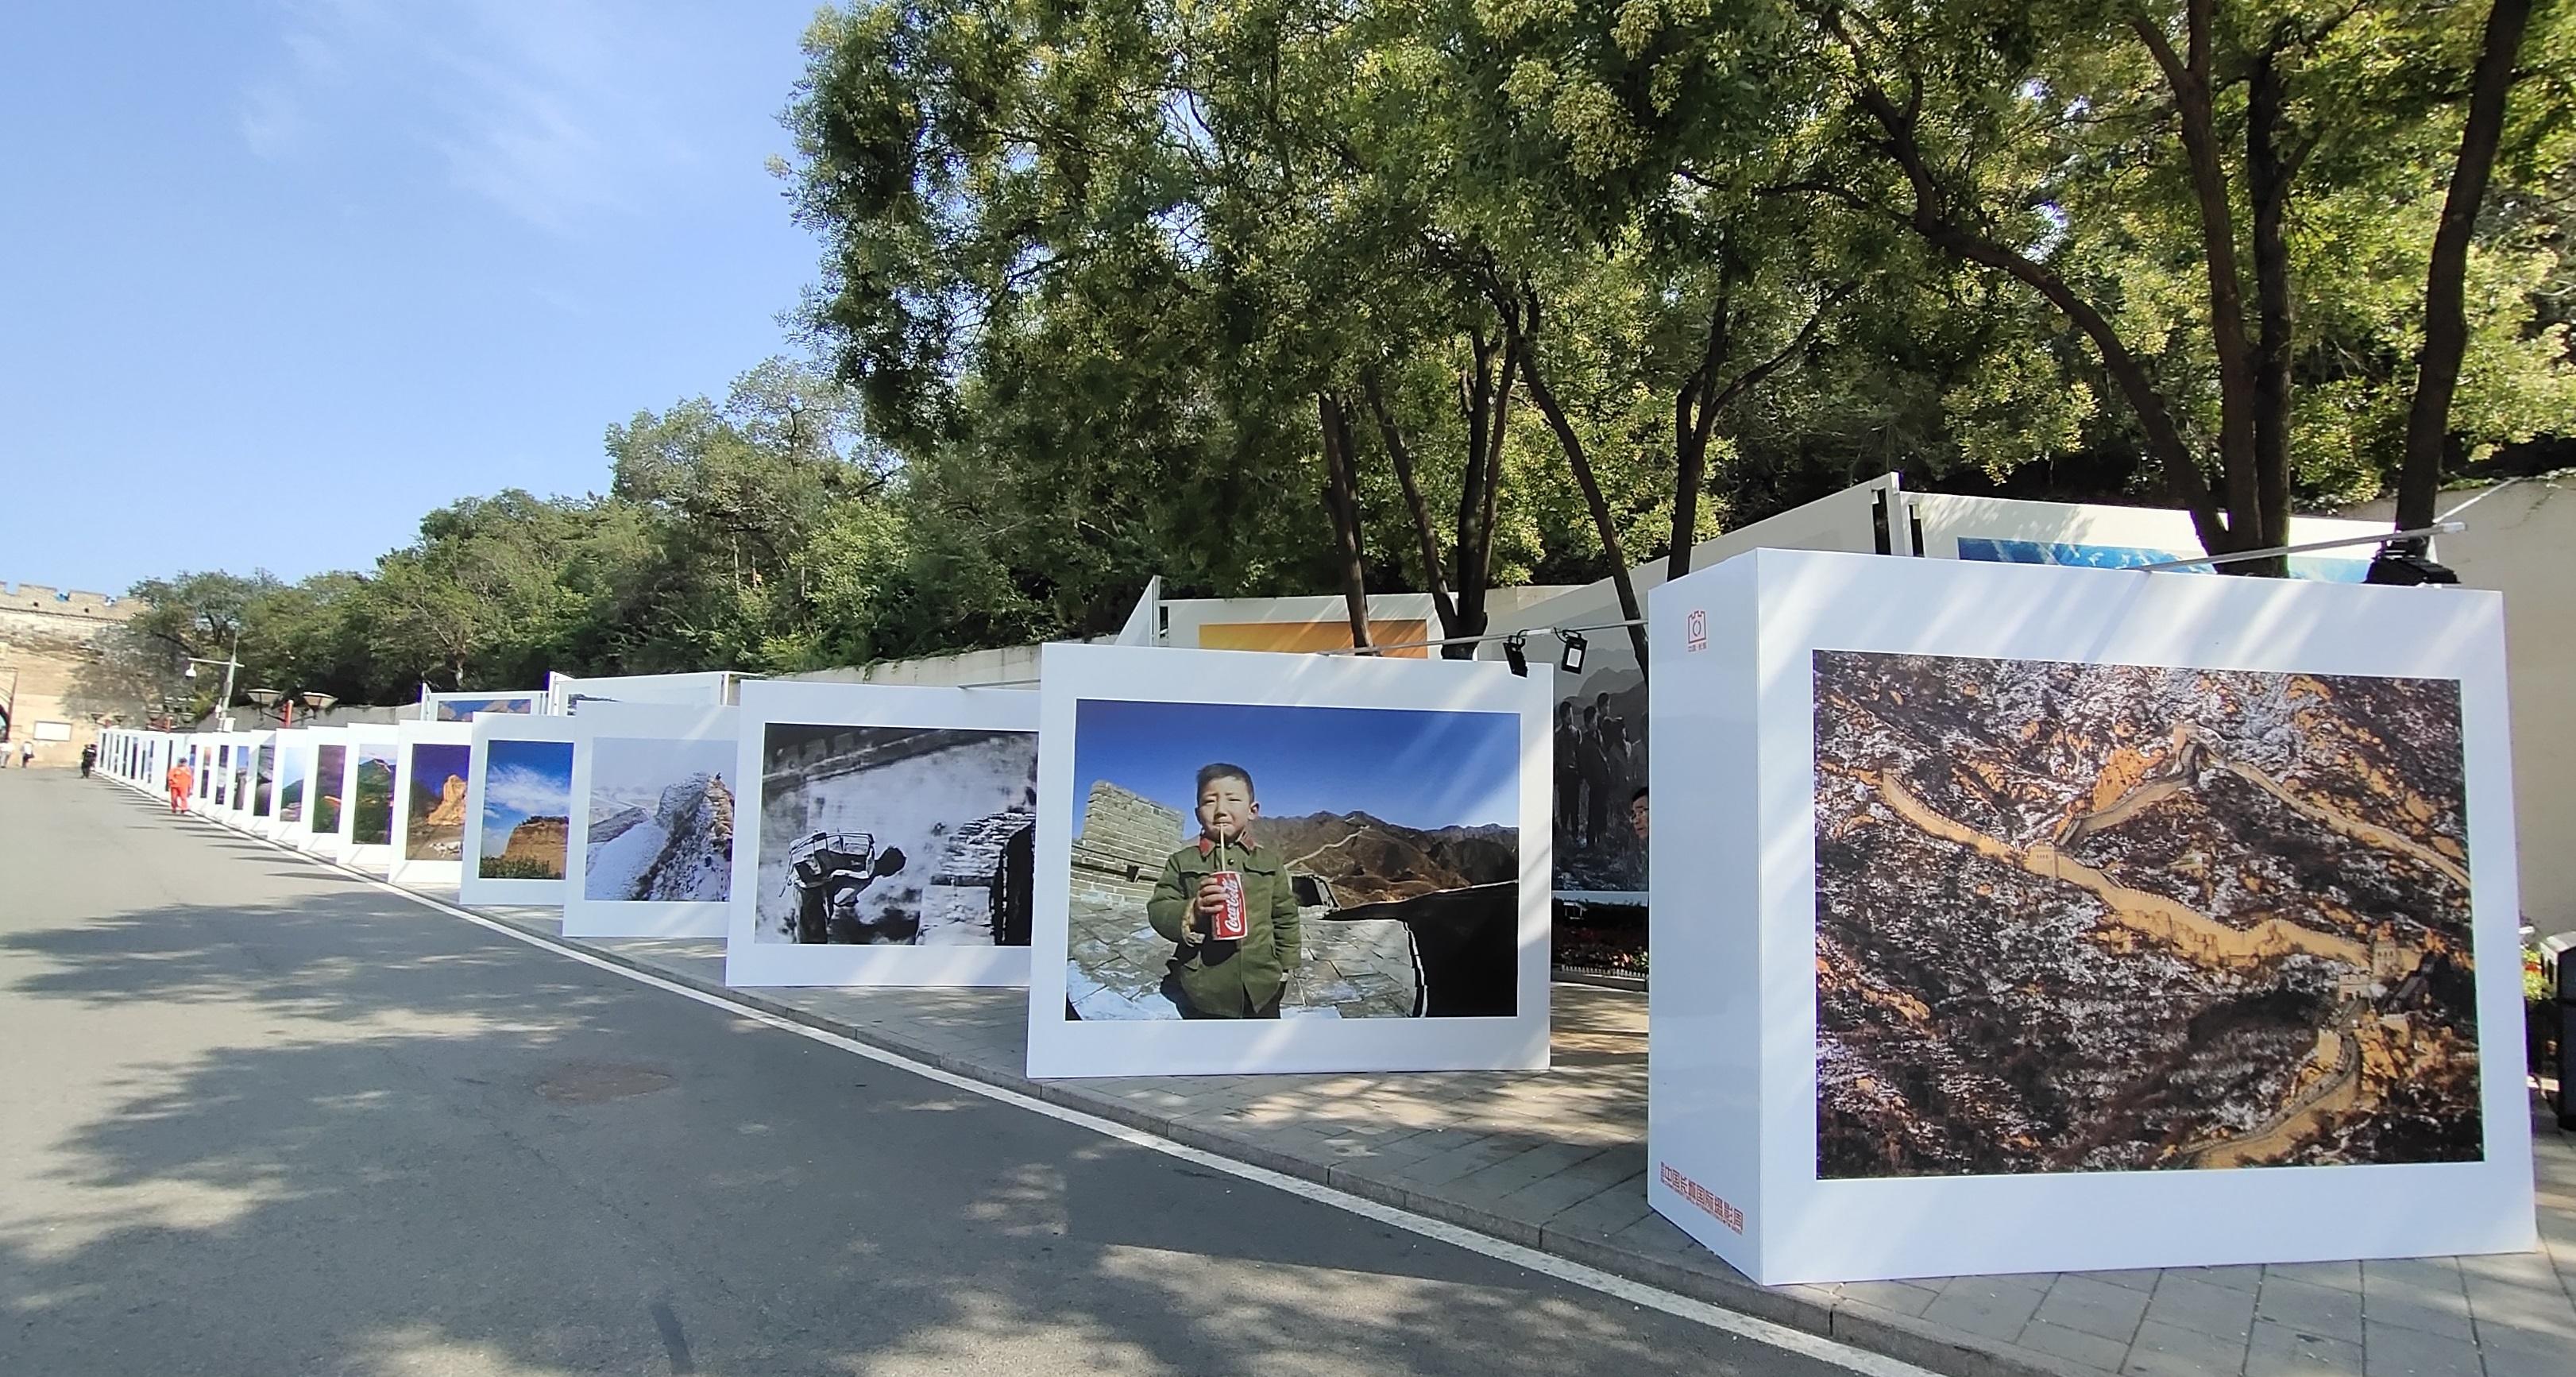 2019 中国长城国际摄影周在八达岭长城盛大开幕